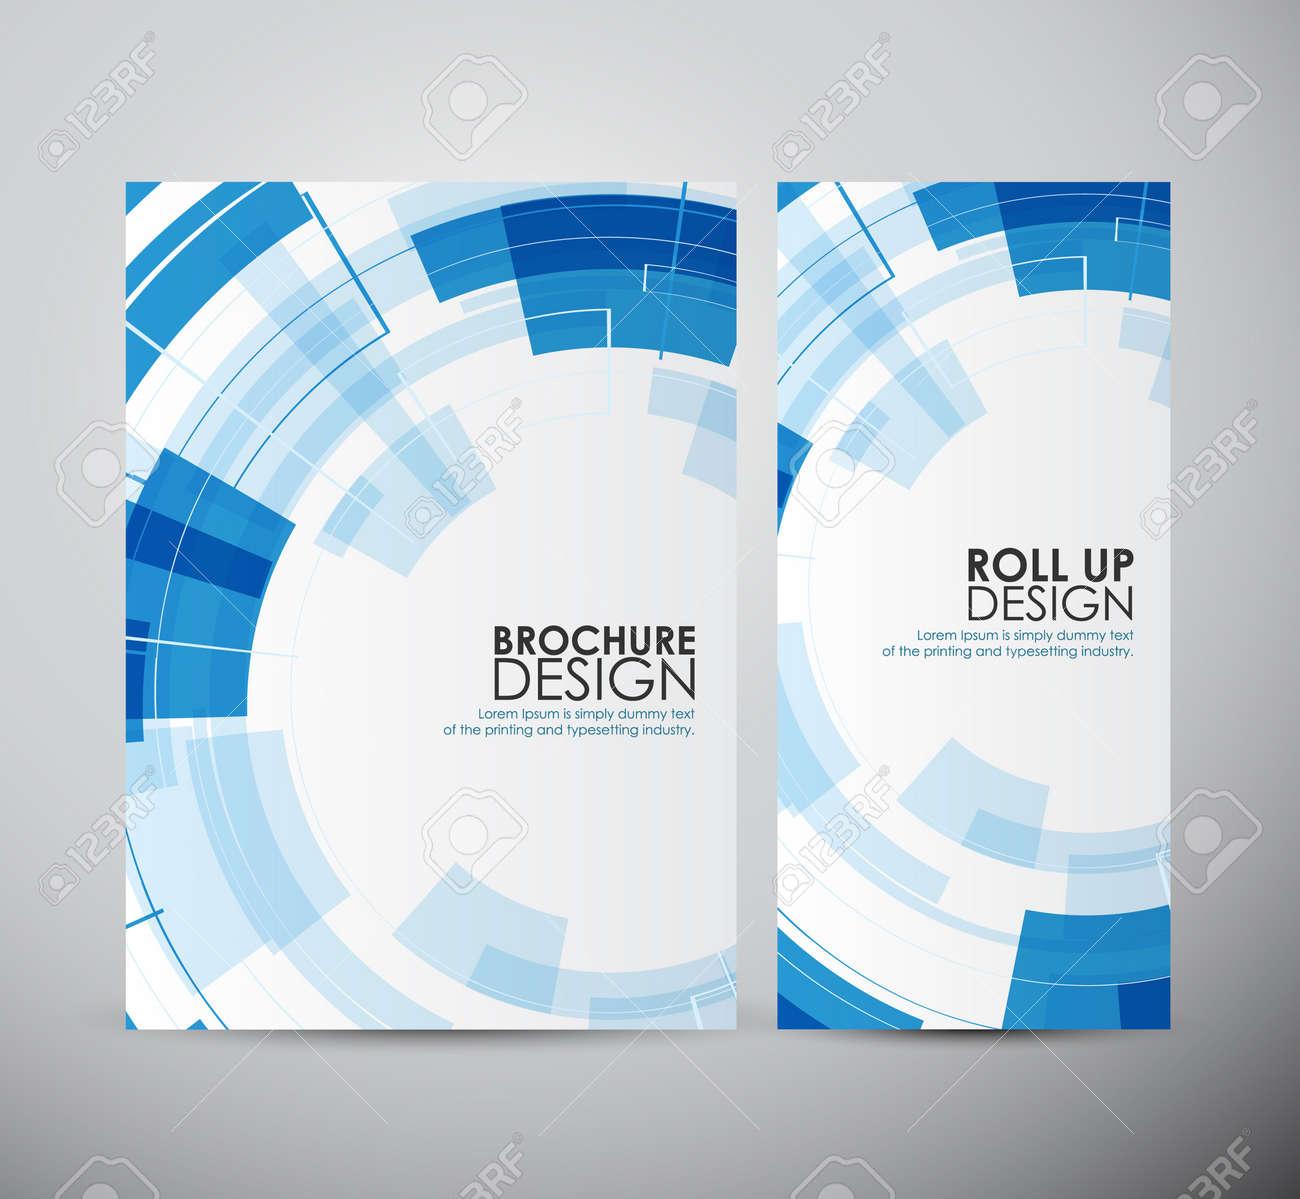 Brochure Business Design Abstract Modern Technology Circles Template ...